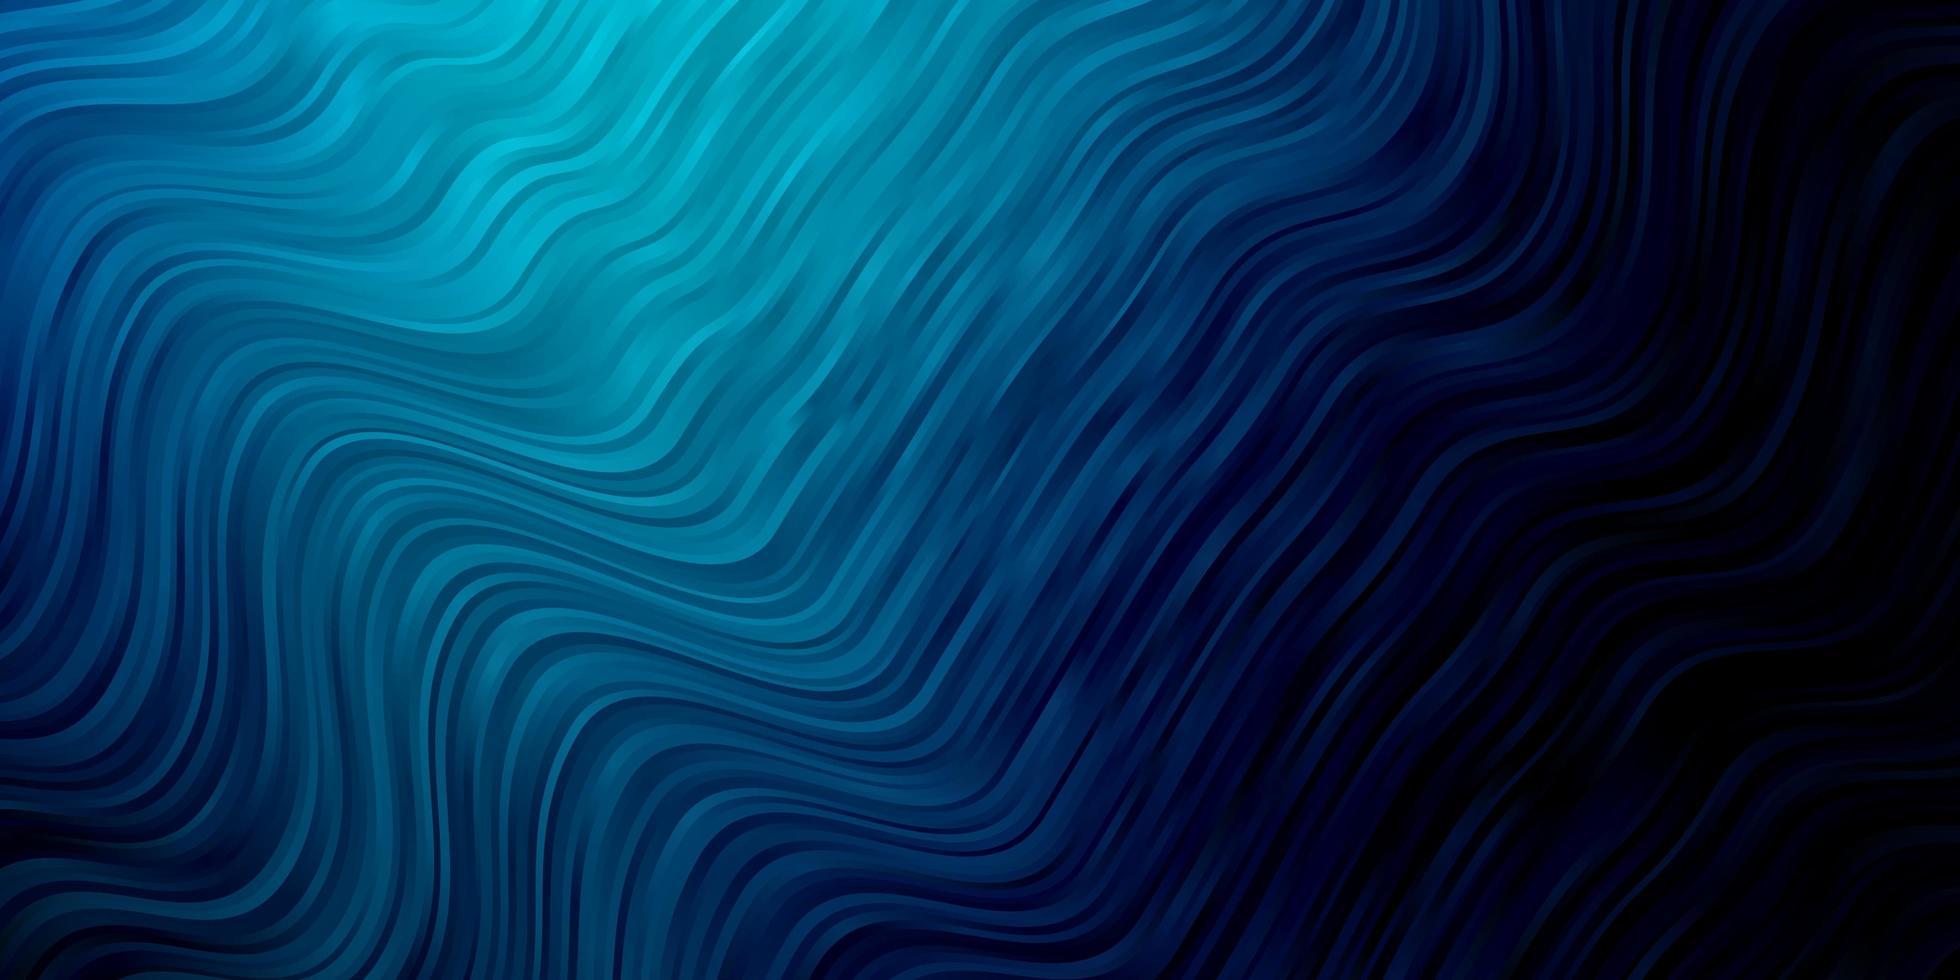 mörkblå konsistens med cirkulär båge. vektor